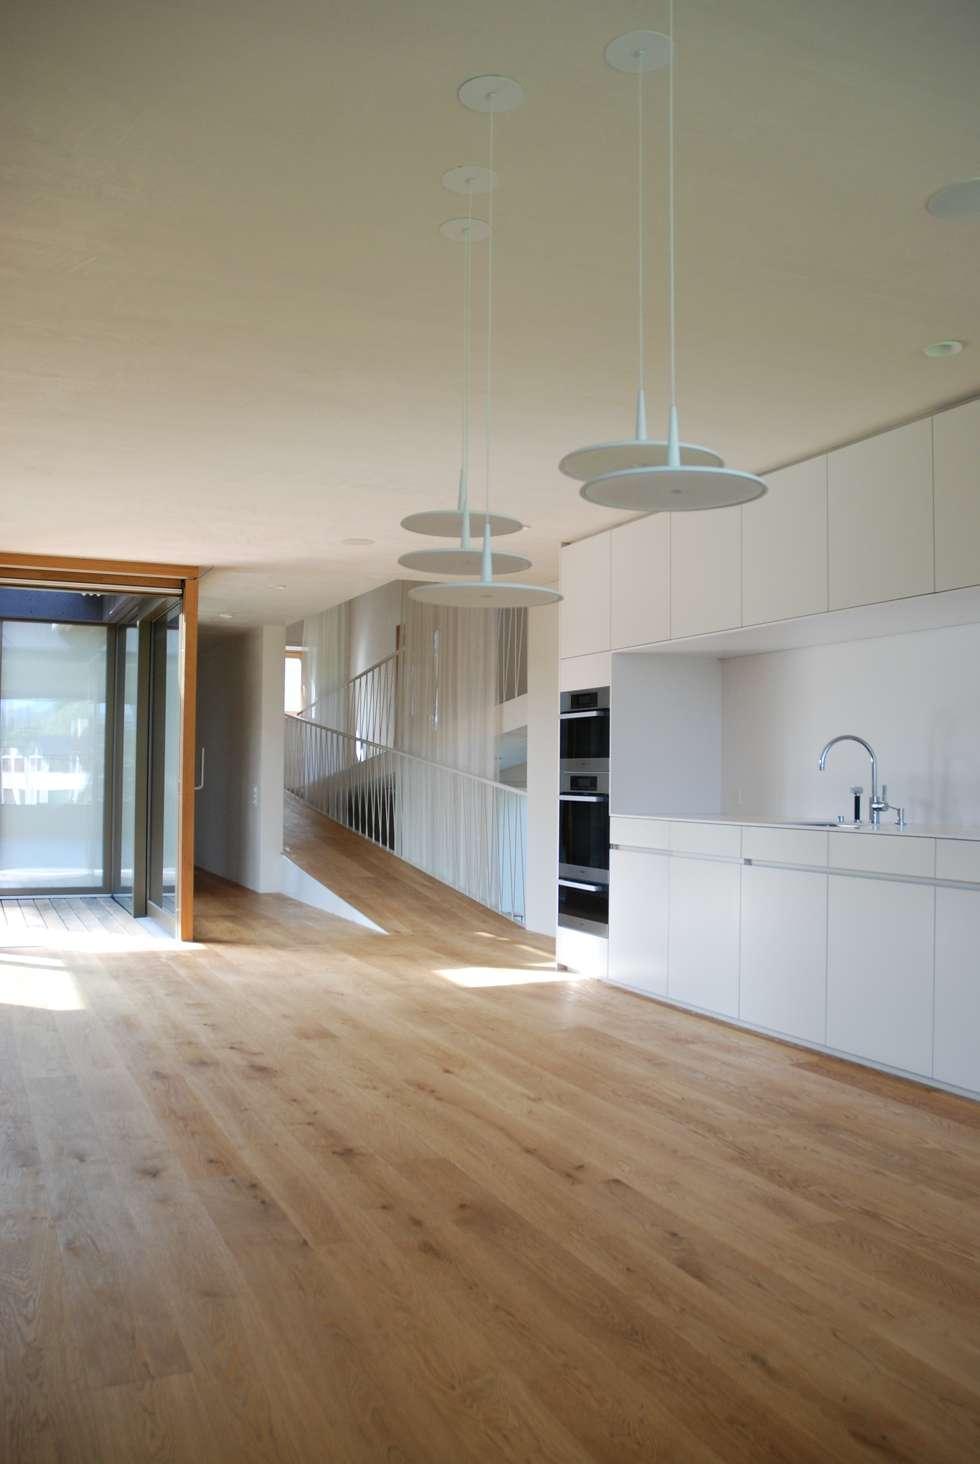 Wohnideen interior design einrichtungsideen bilder for Modernes wohnen wohnzimmer